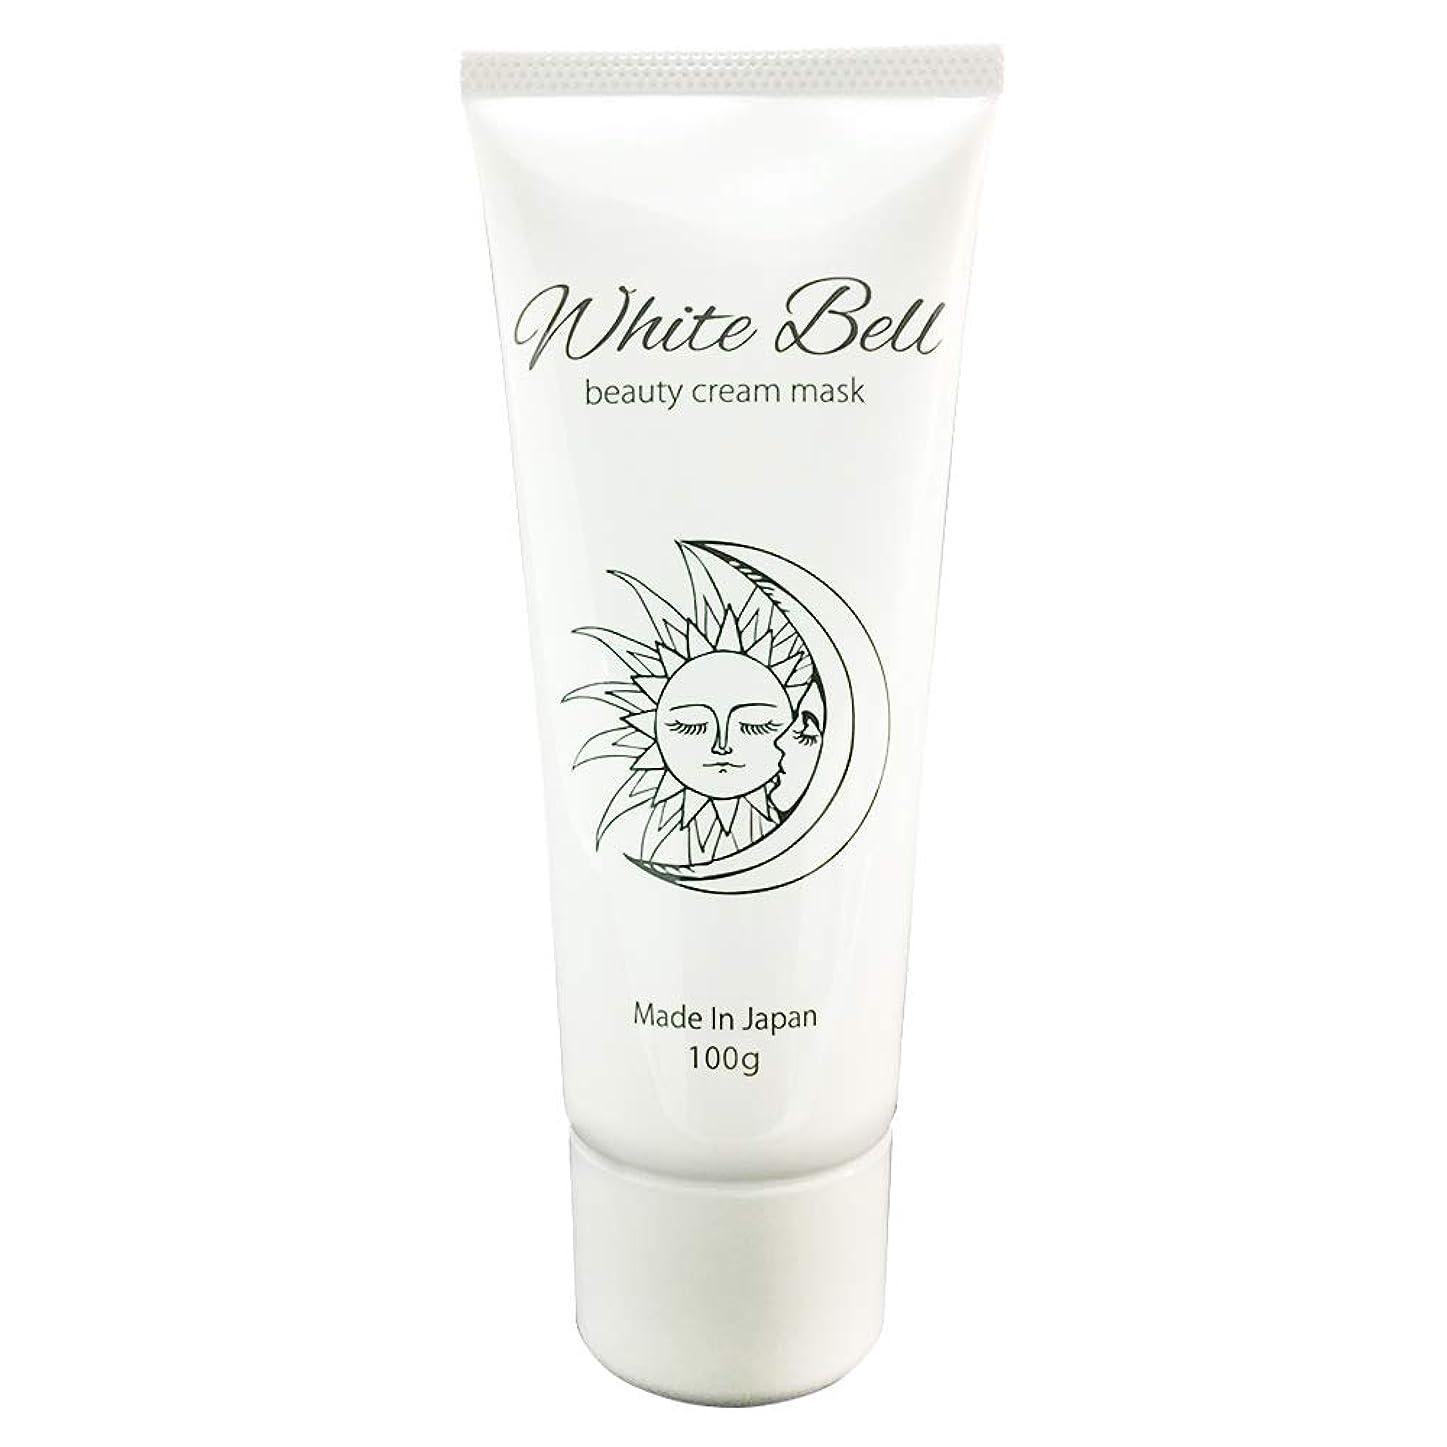 夜間差別的先入観ホワイトベル ビューティークリームマスク White-Bell beauty cream mask ナイトクリーム オールインワン